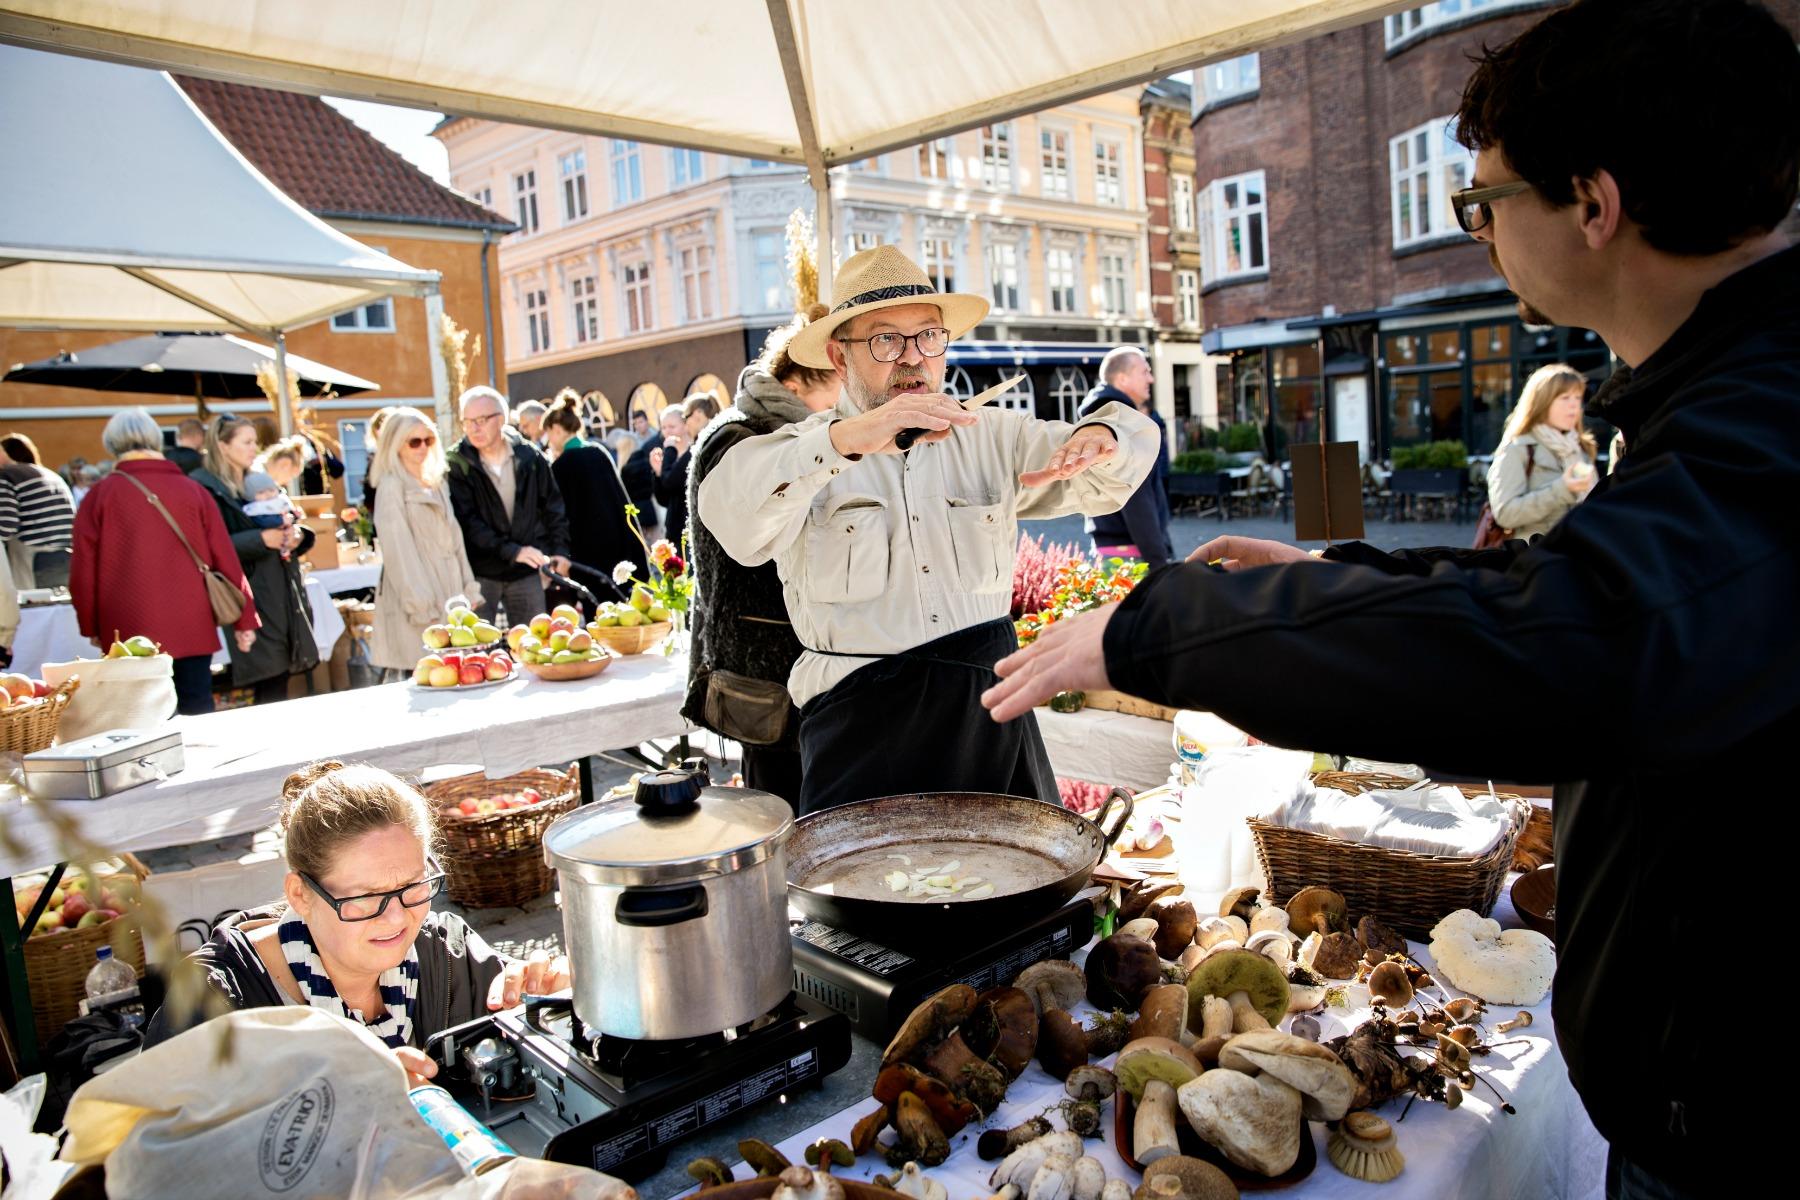 høstfest, madboder, aarhus, latinerkvarteret